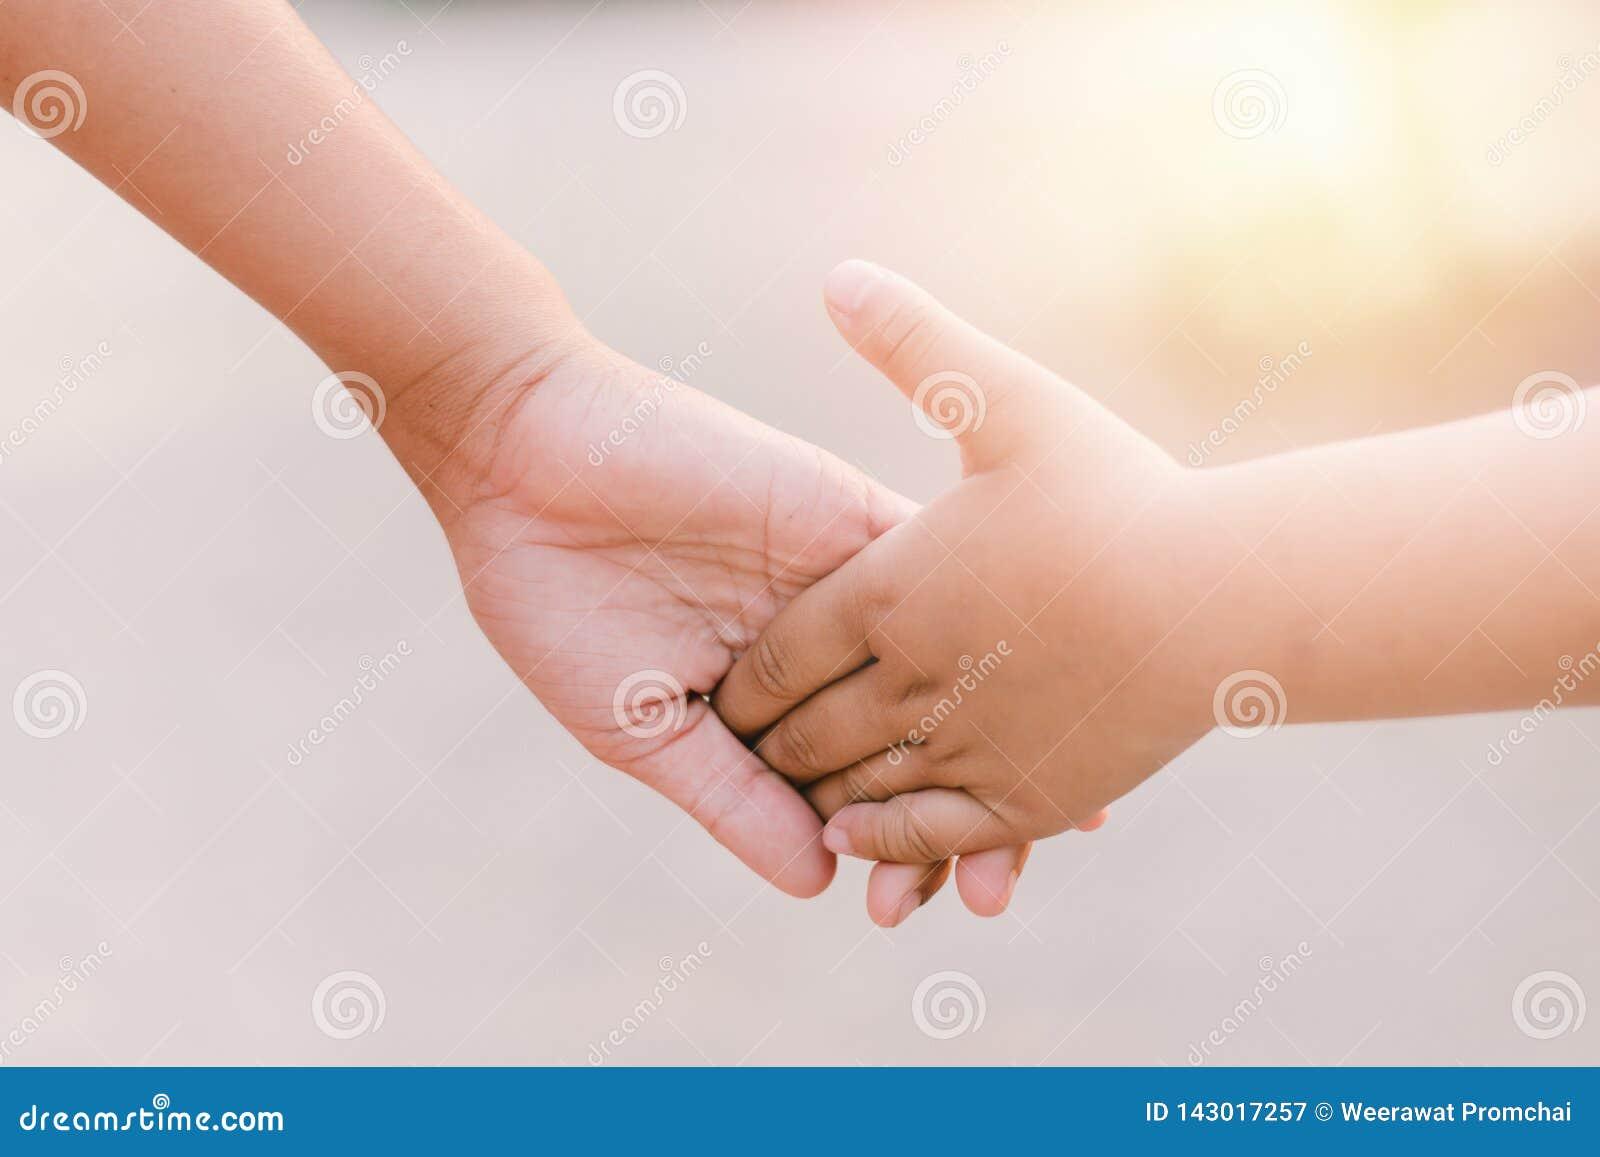 Kinderhändchenhalten beim Gehen bei Sonnenuntergang